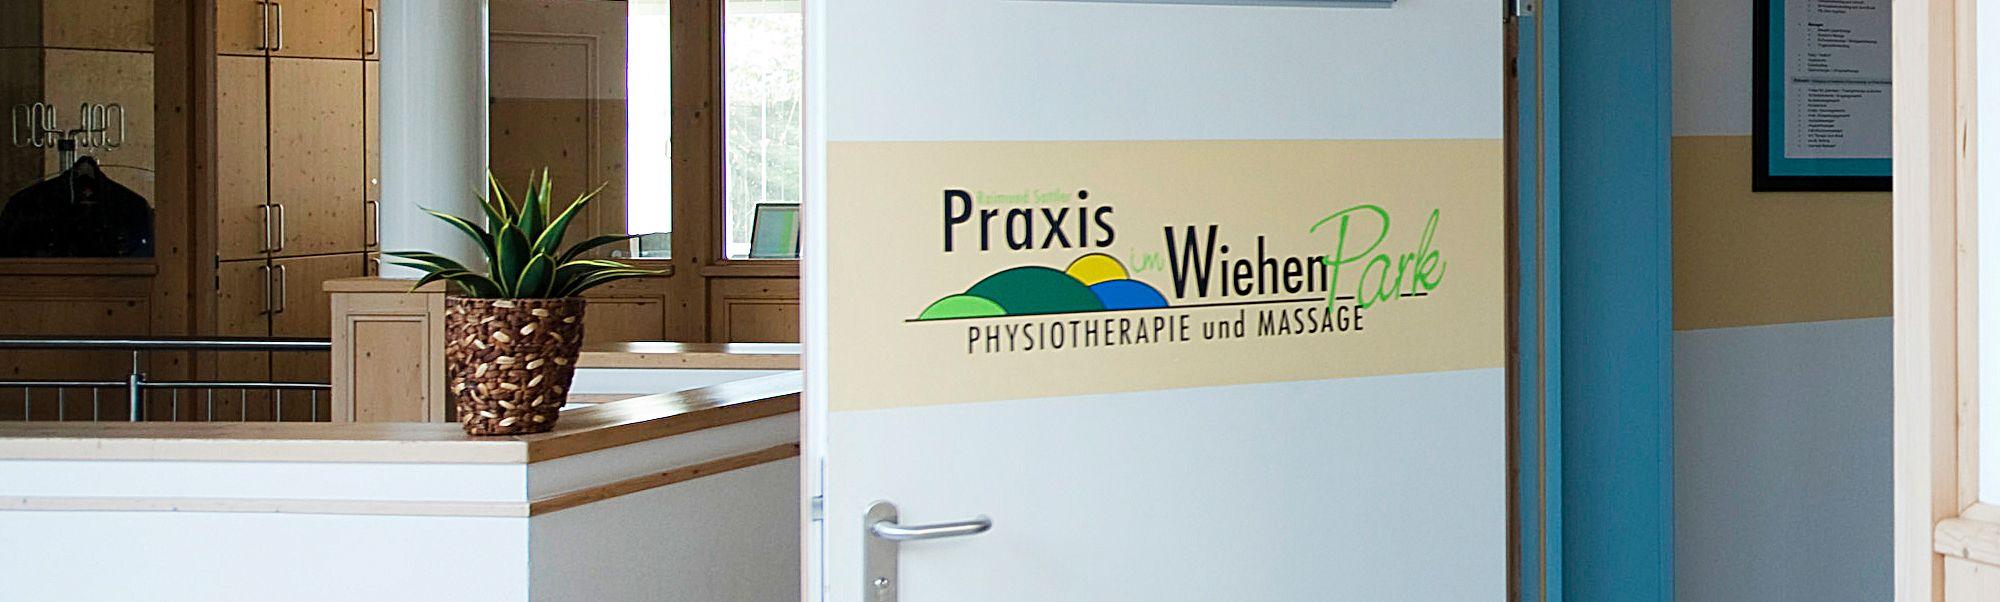 Praxis im Wiehen Park | Eingangstuer